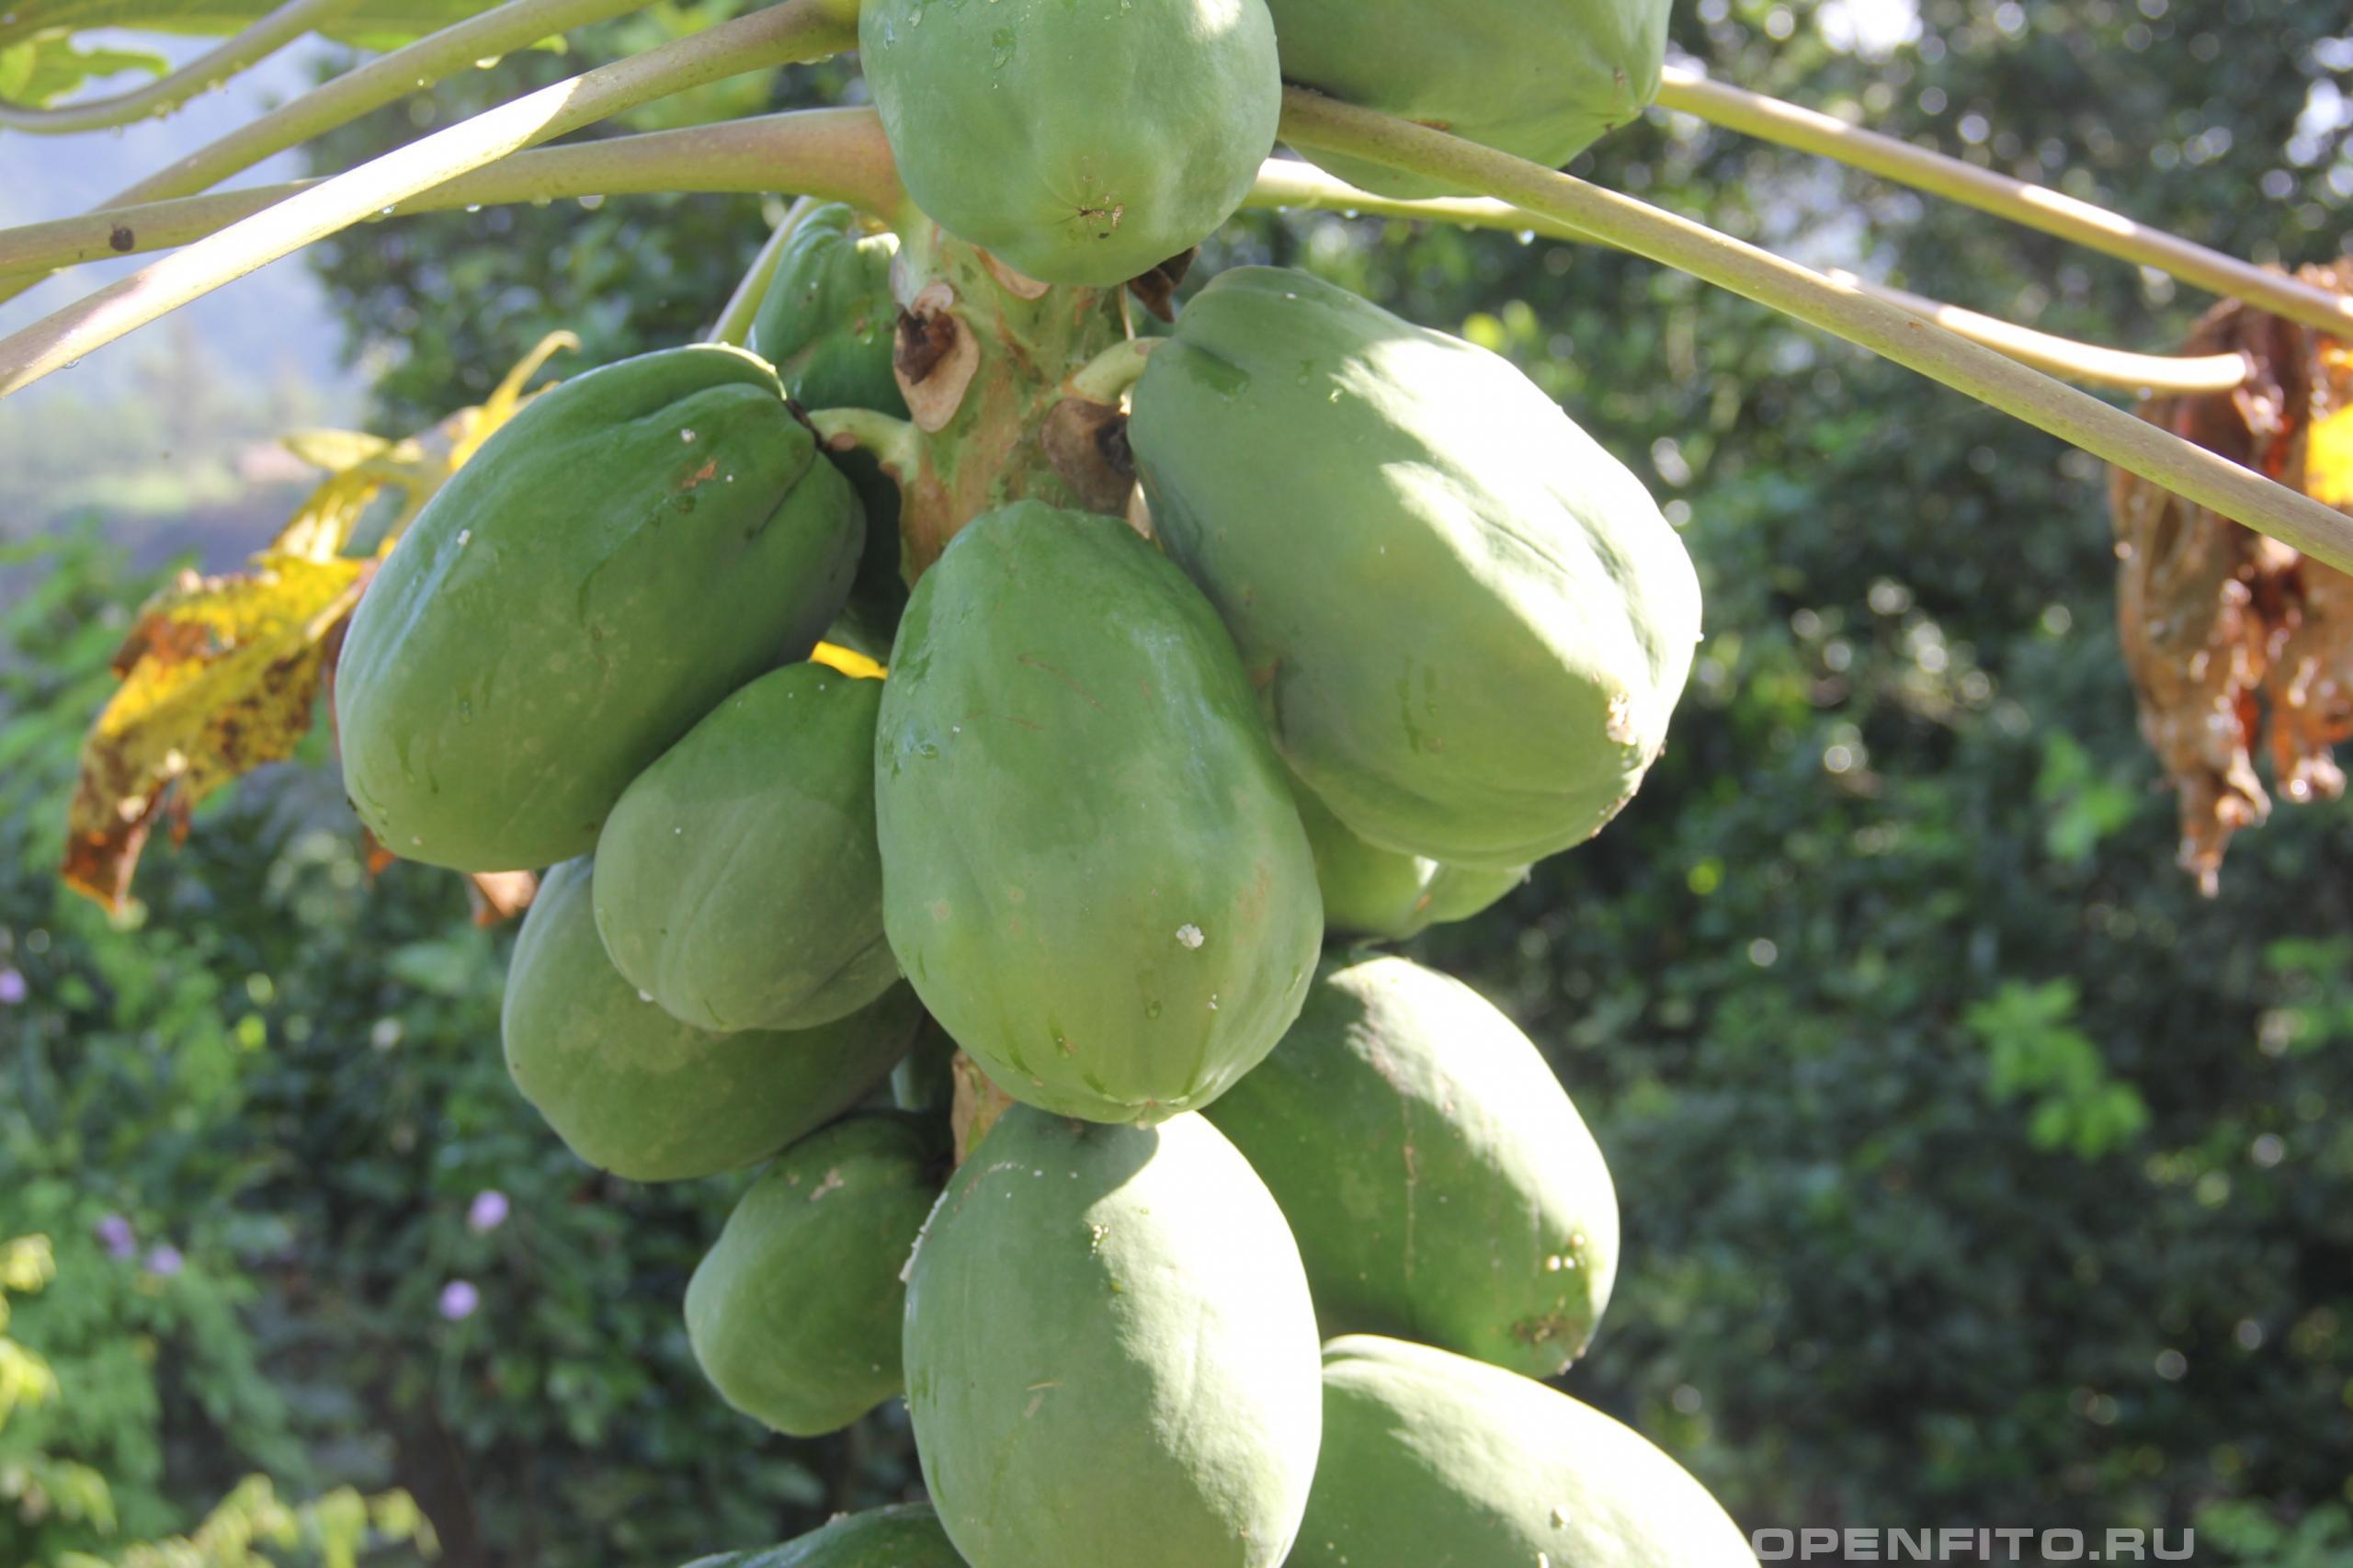 Папайя незрелые плоды растения